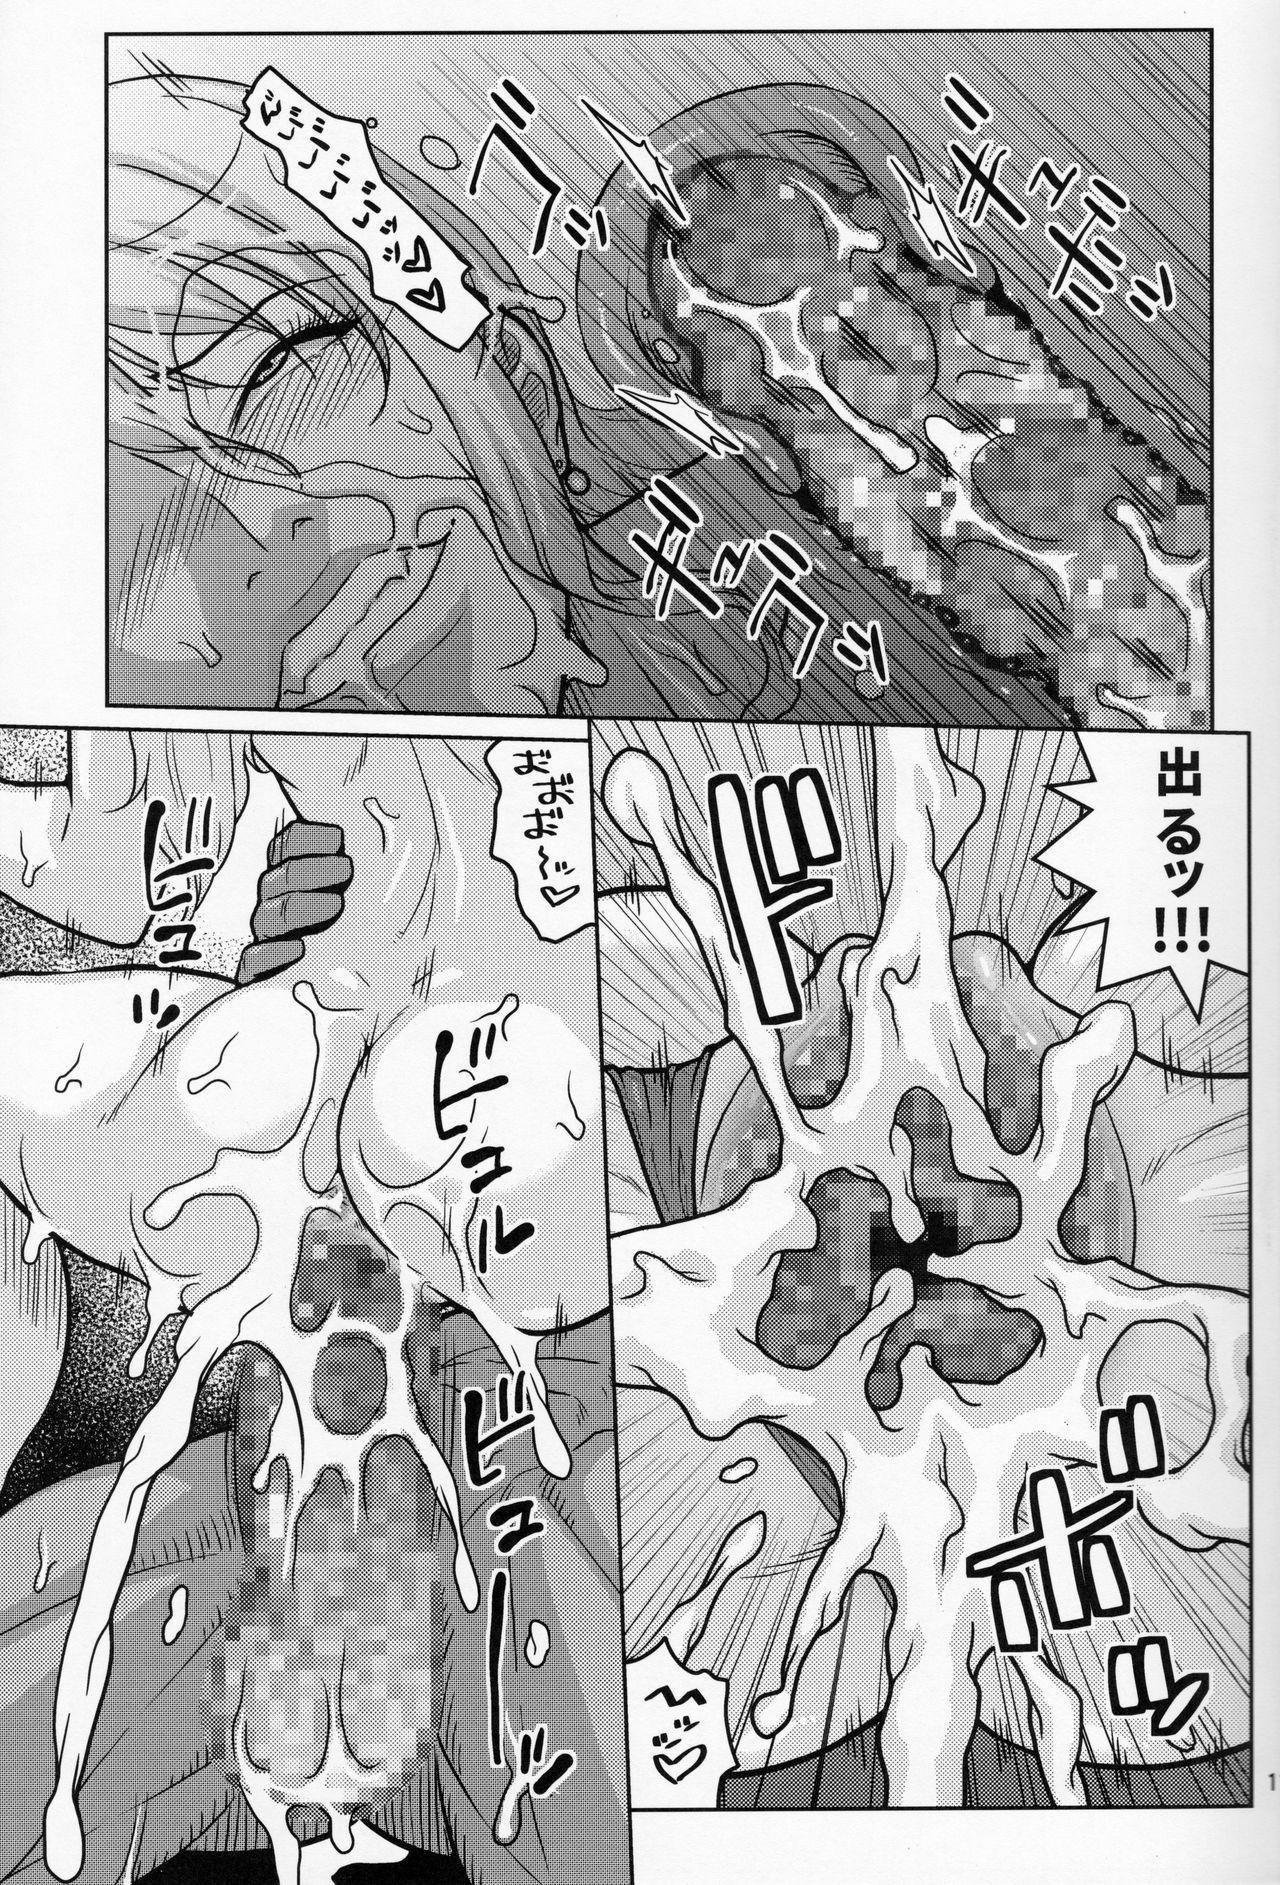 Nami Ura 14 Nami-san VS Kyokon Shiru Danyuu 9